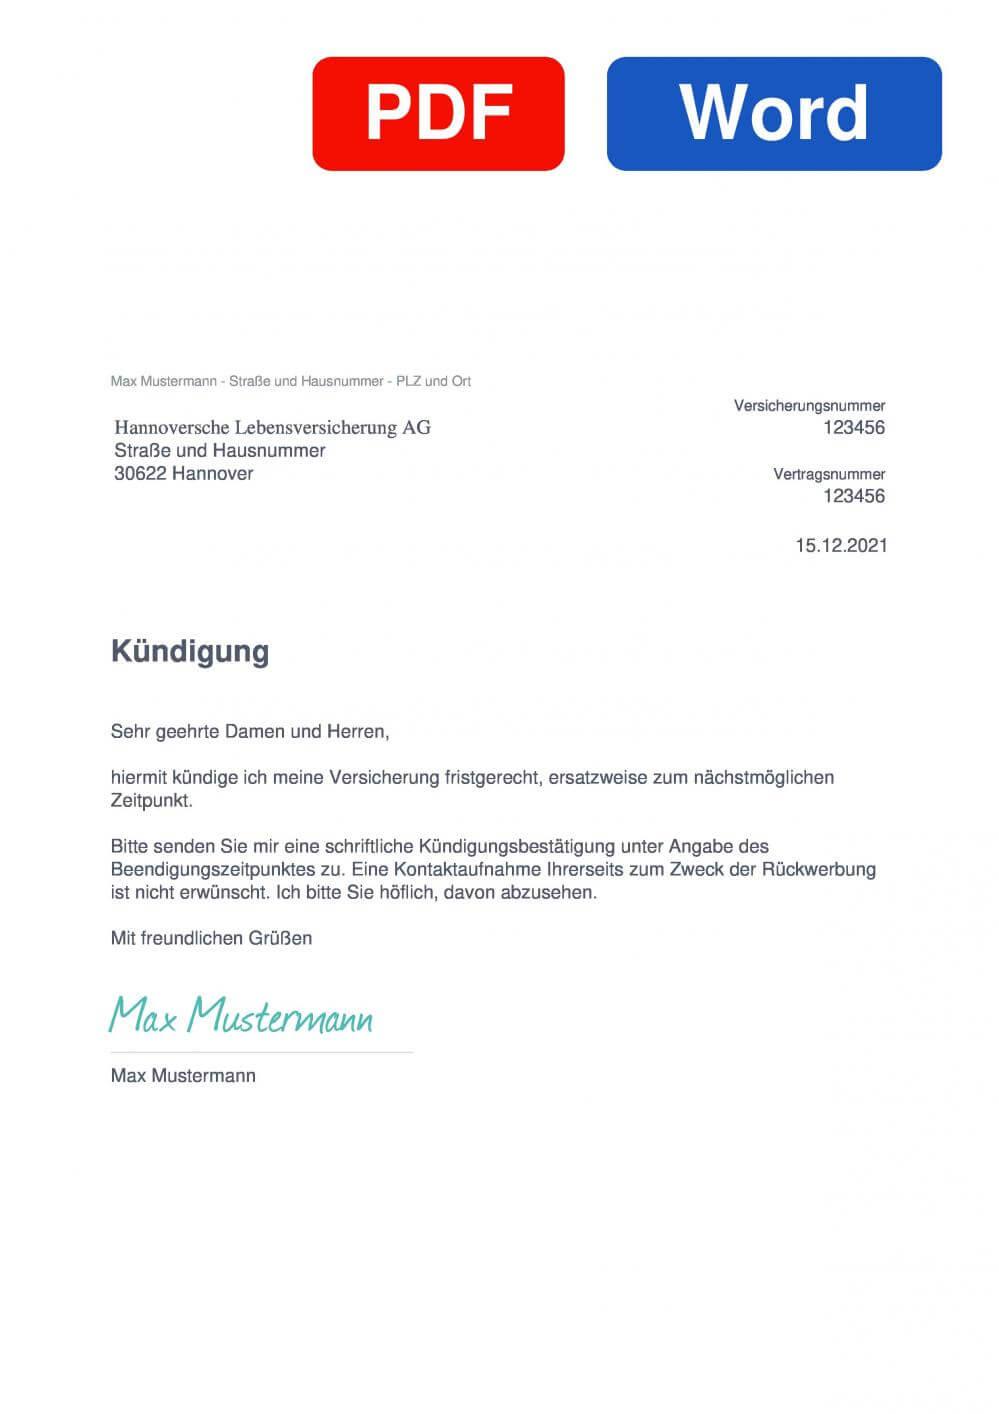 Hannoversche Versicherung Muster Vorlage für Kündigungsschreiben